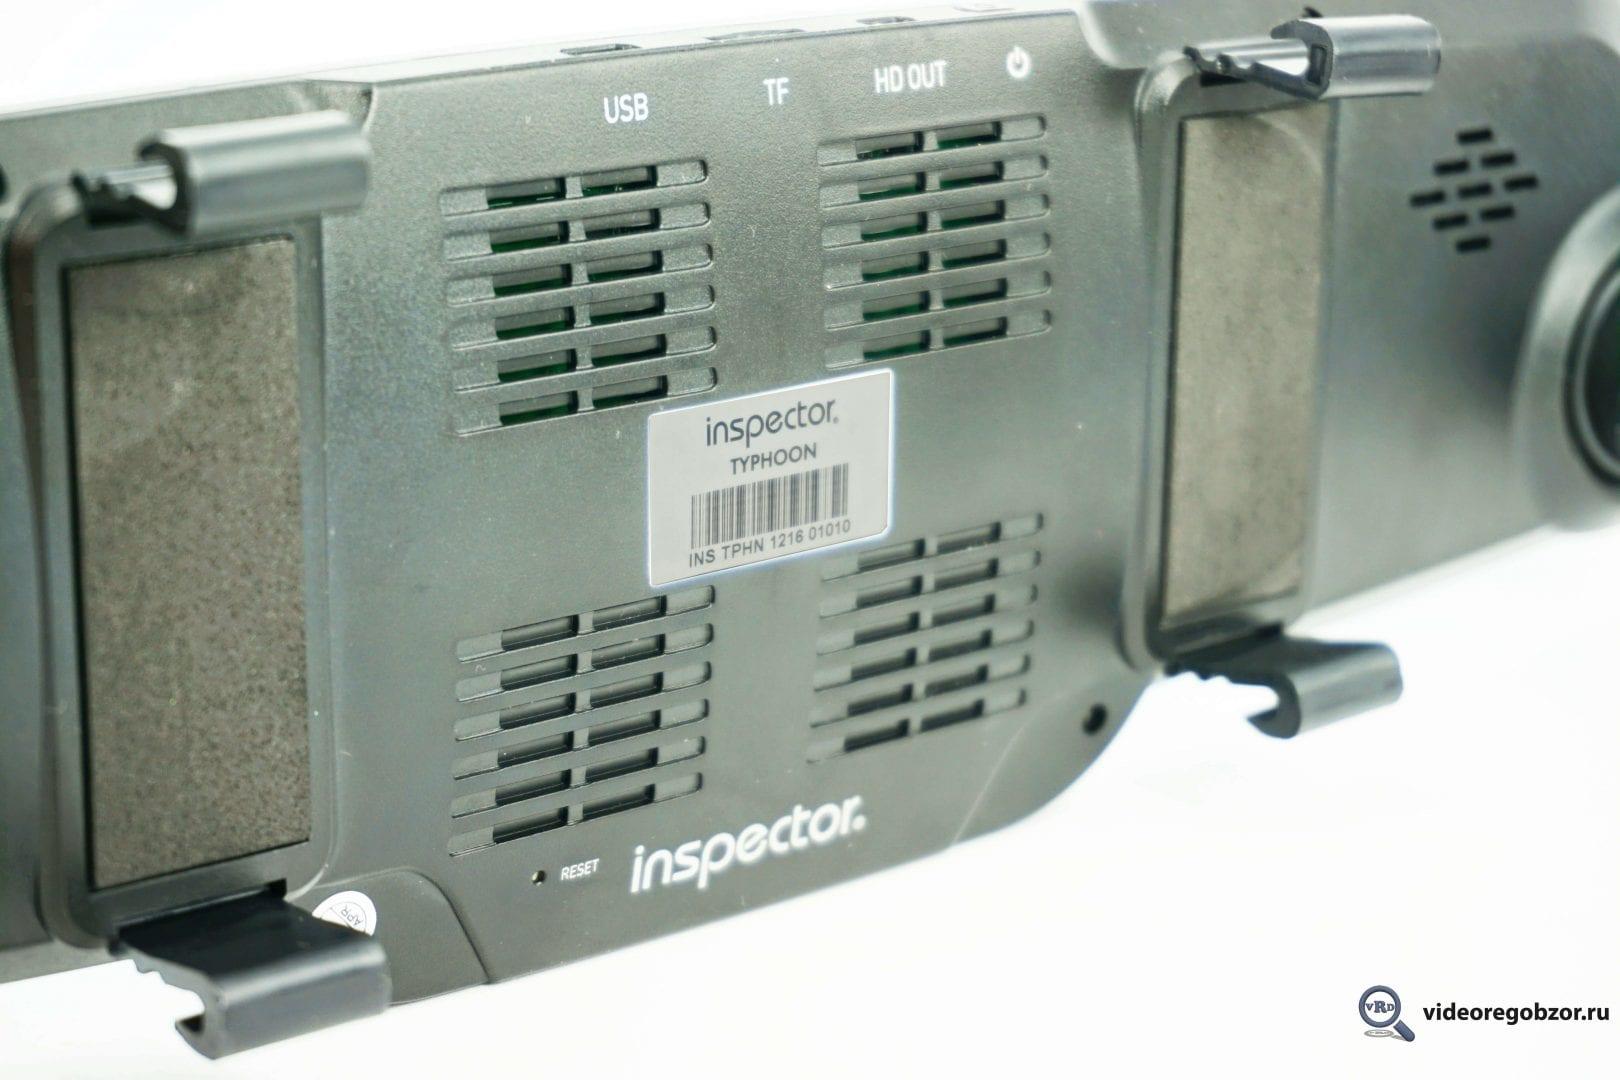 ОбзорвидеорегистратораввидезеркалаInspectorTyphoonсGPS модулемибазойкамер